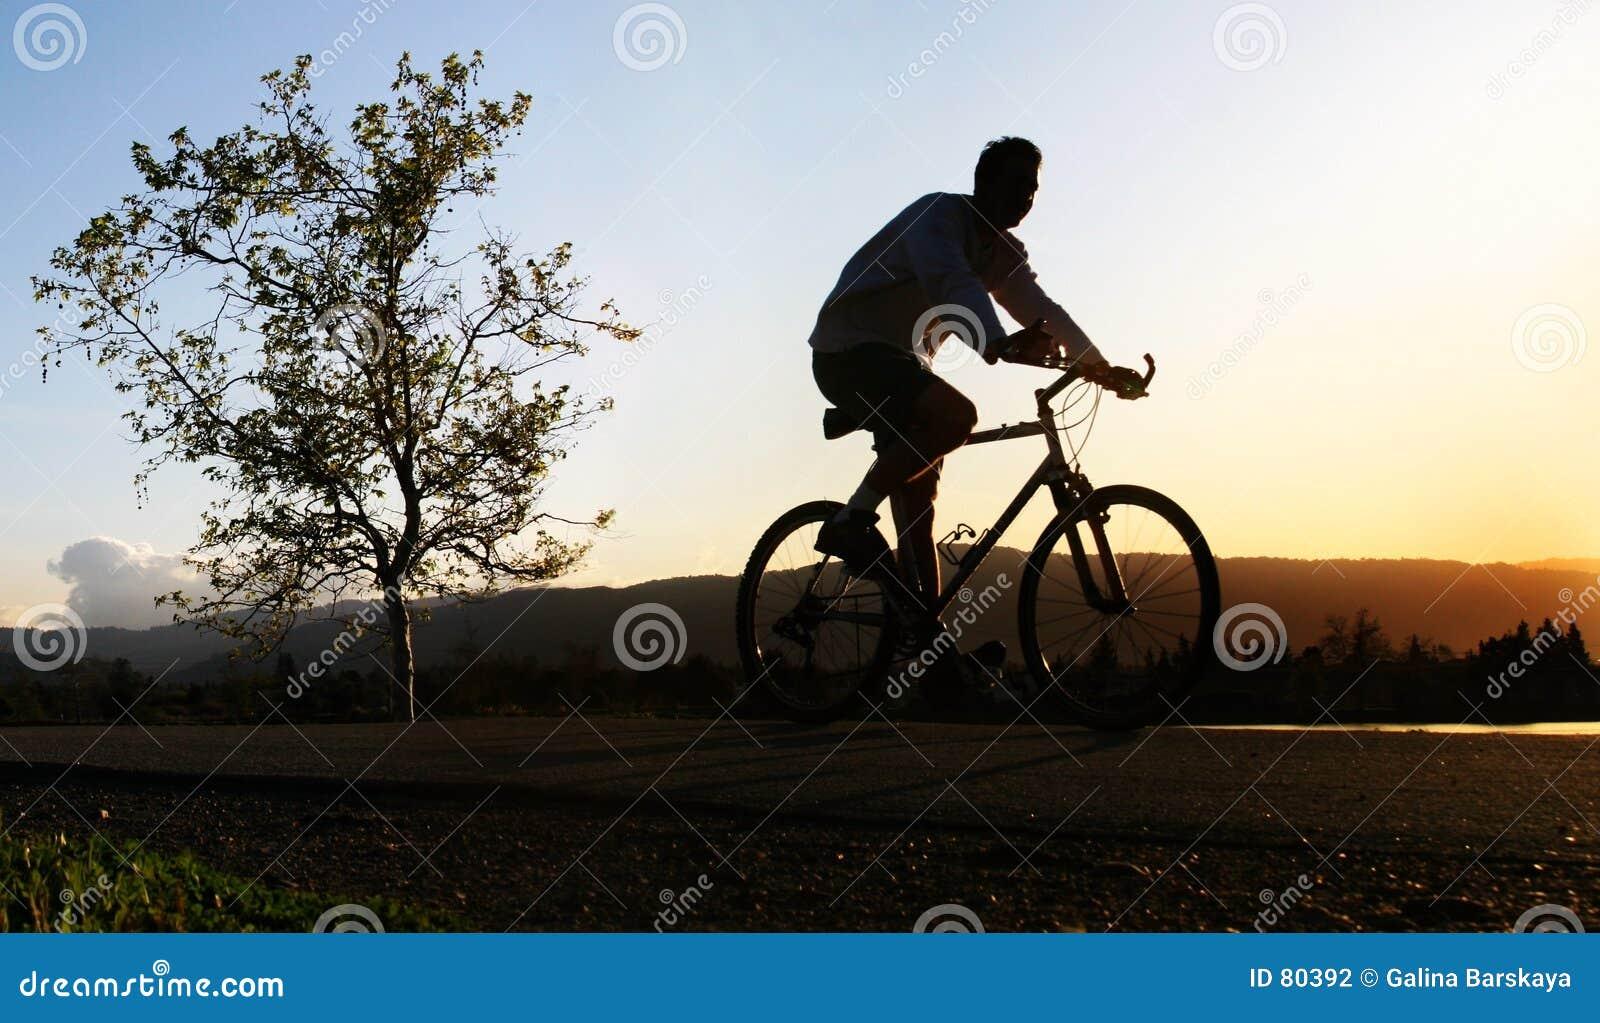 ποδήλατο η οδήγηση ατόμων του